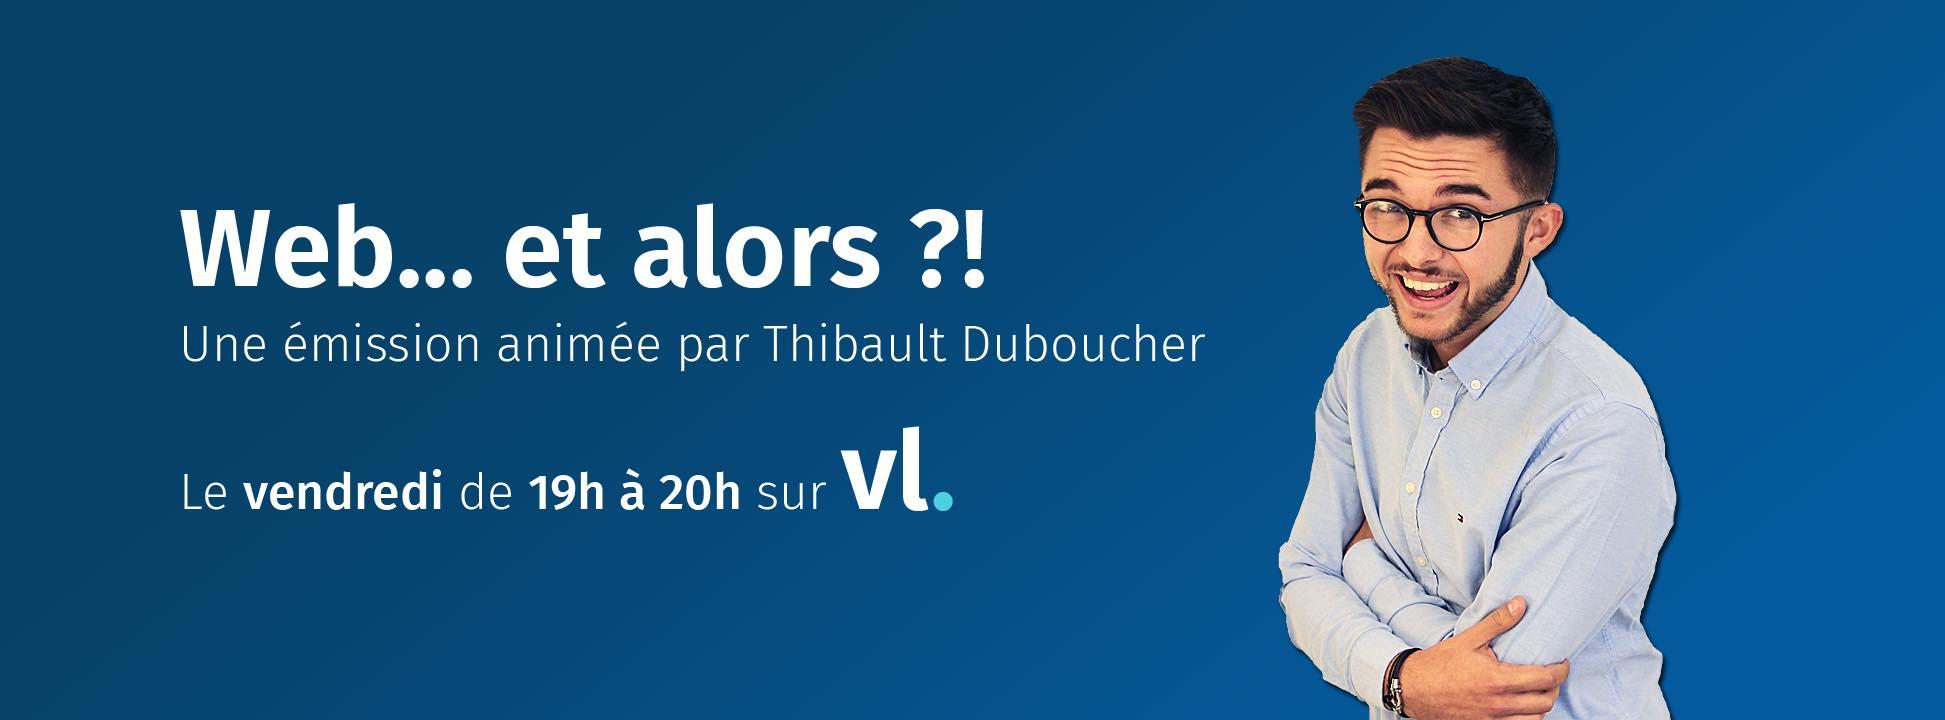 Web Et Alors Thibault Duboucher